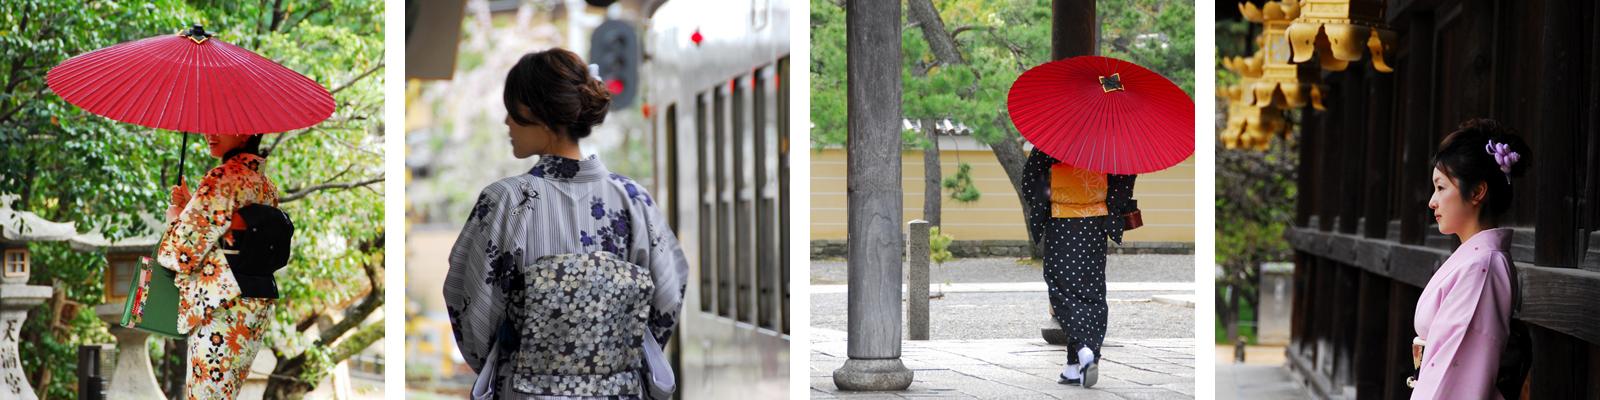 上質なレンタル着物が似合う素敵な京都の風景